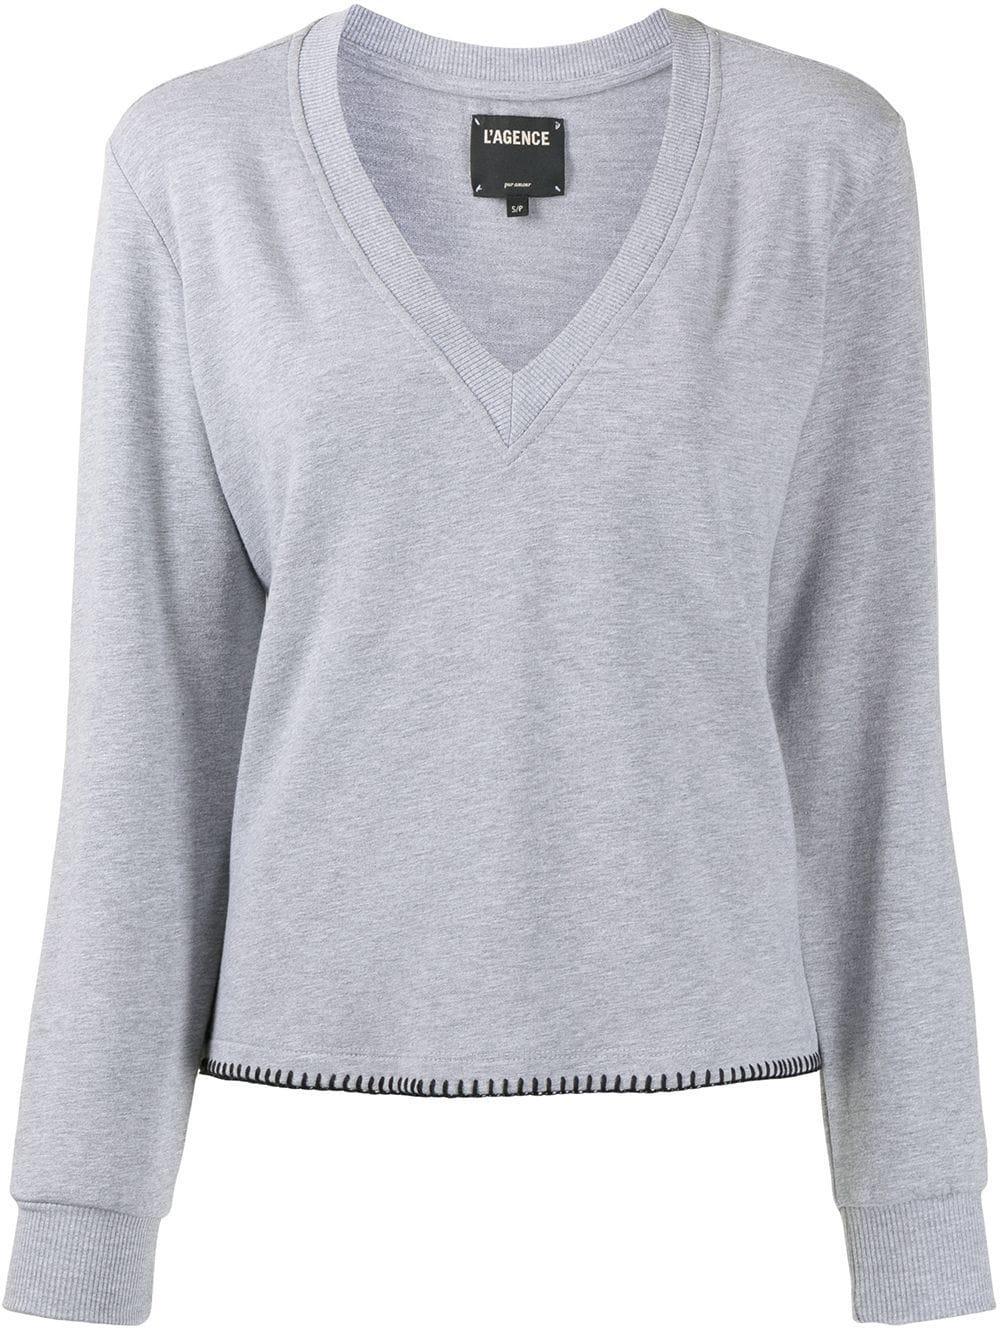 Helena V- Neck Sweatshirt Item # 8618HGFE